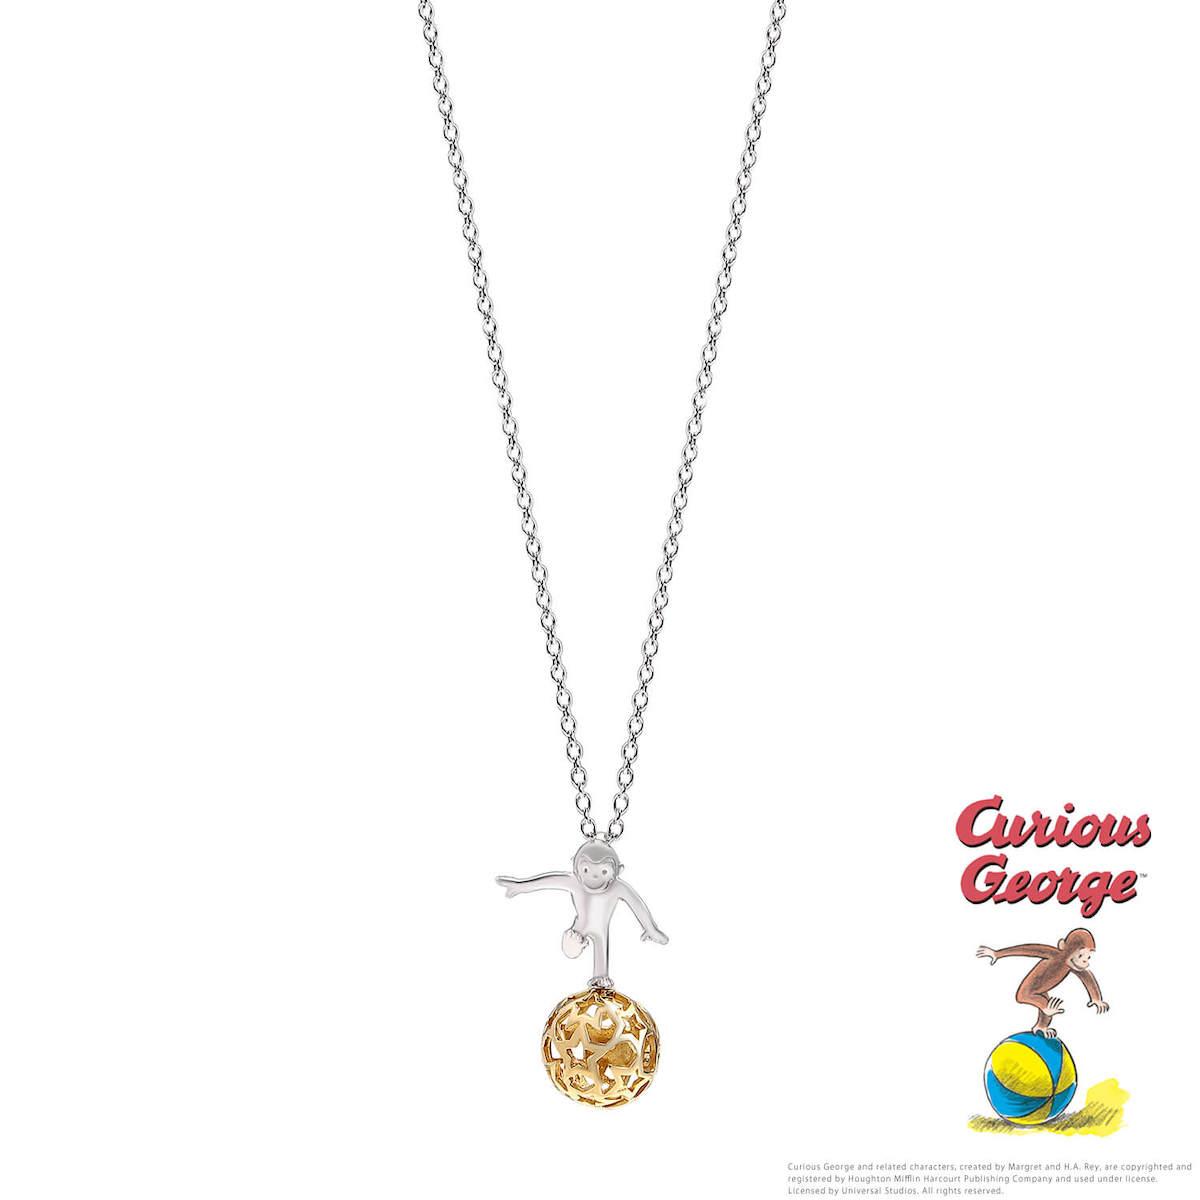 【おさるのジョージ】 玉乗り ネックレス Curious George